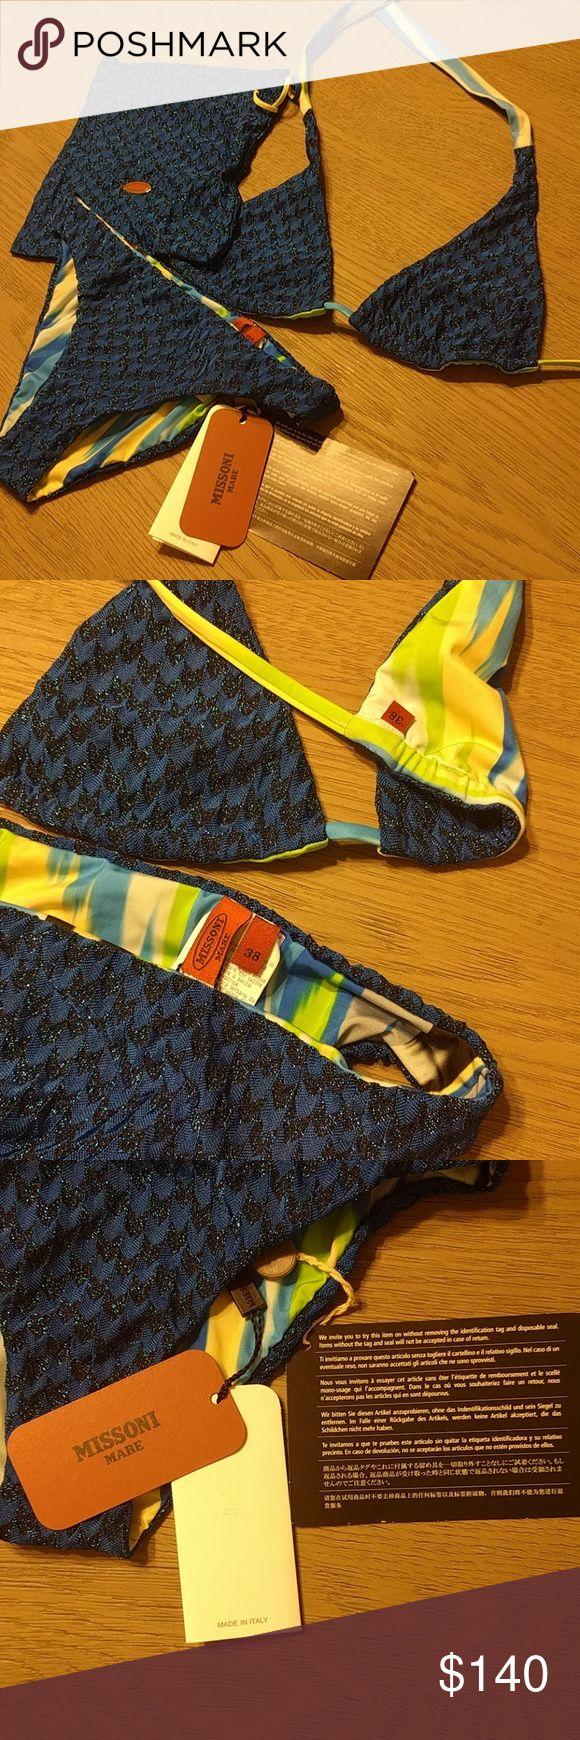 Missoni bikini with pouch BNWT- size 38 Authentic Missoni Blue bikini with pouch and additional missoni nail scratch-ons. All BNWT_? - size 38. Fits like a size 2 Missoni Swim Bikinis